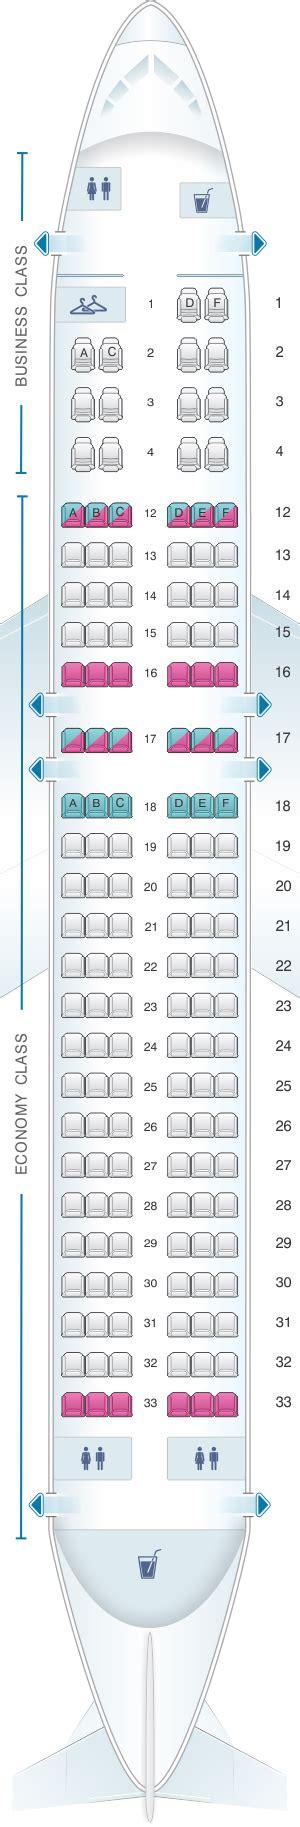 plan des sieges airbus a320 plan de cabine air canada airbus a320 seatmaestro fr